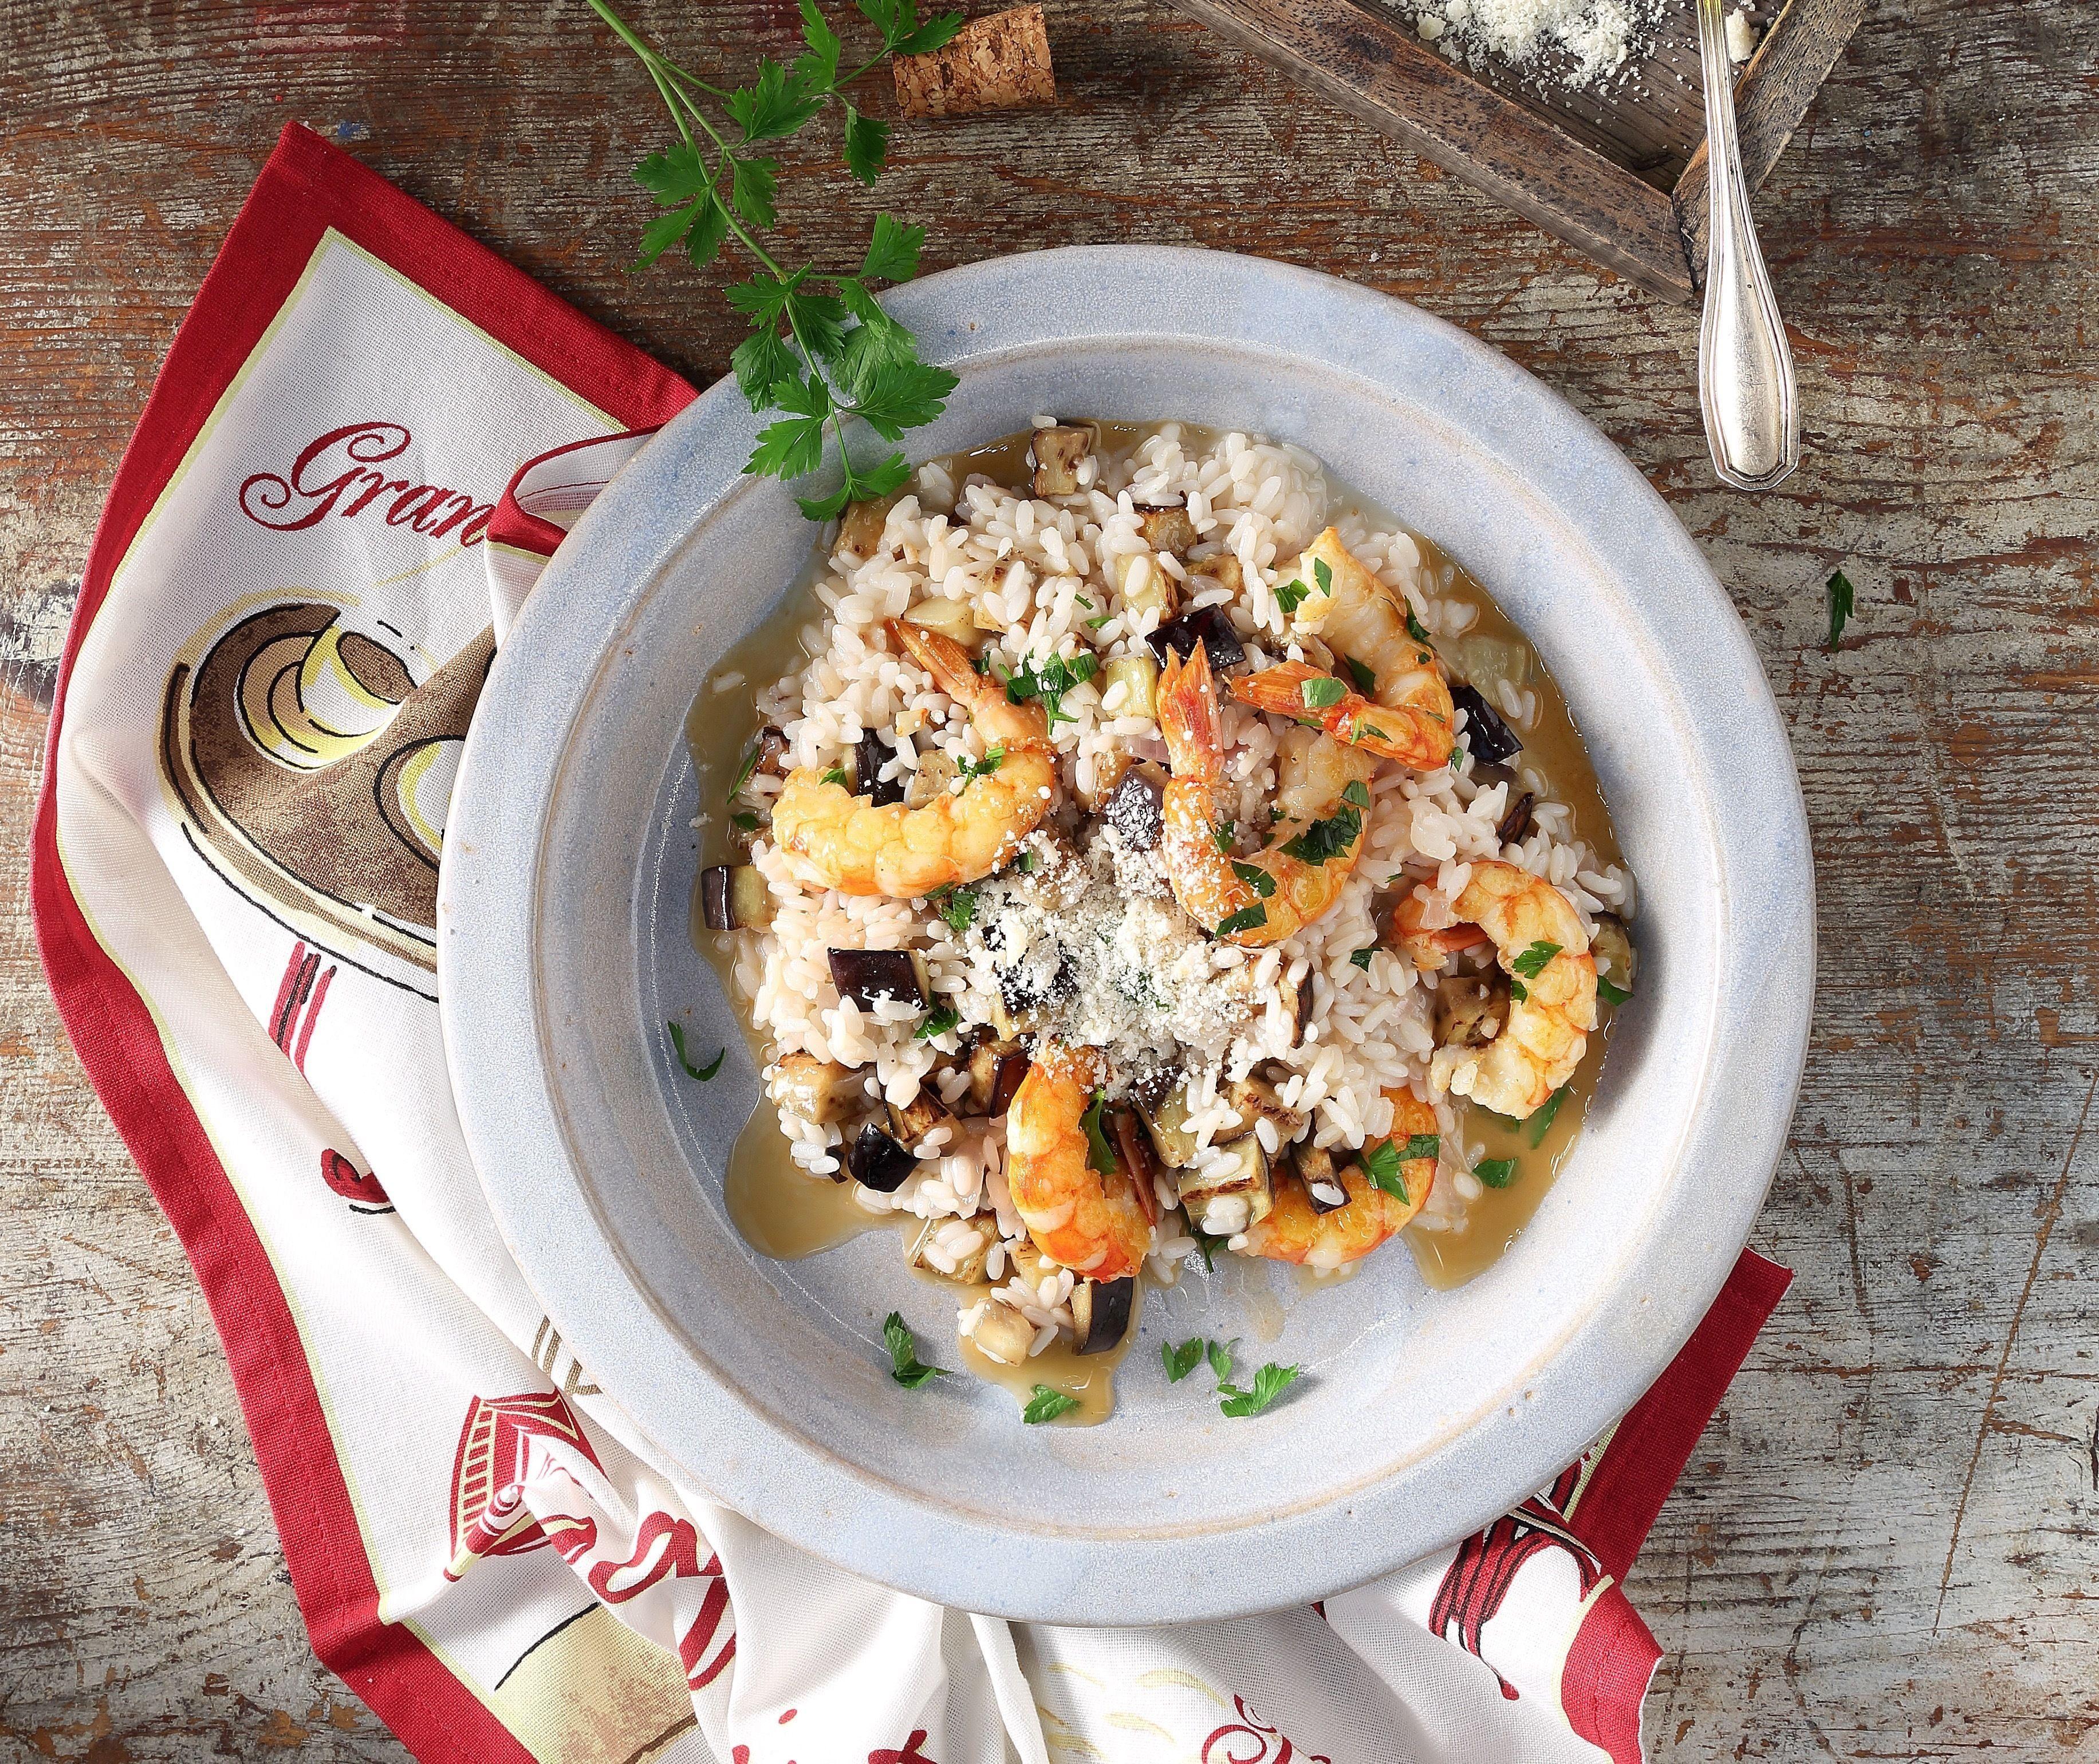 Ριζότο με γαρίδες και μελιτζάνα από τον Άκη. Εύκολη συνταγή για ριζότο με λαχταριστές γαρίδες και μελιτζάνες.